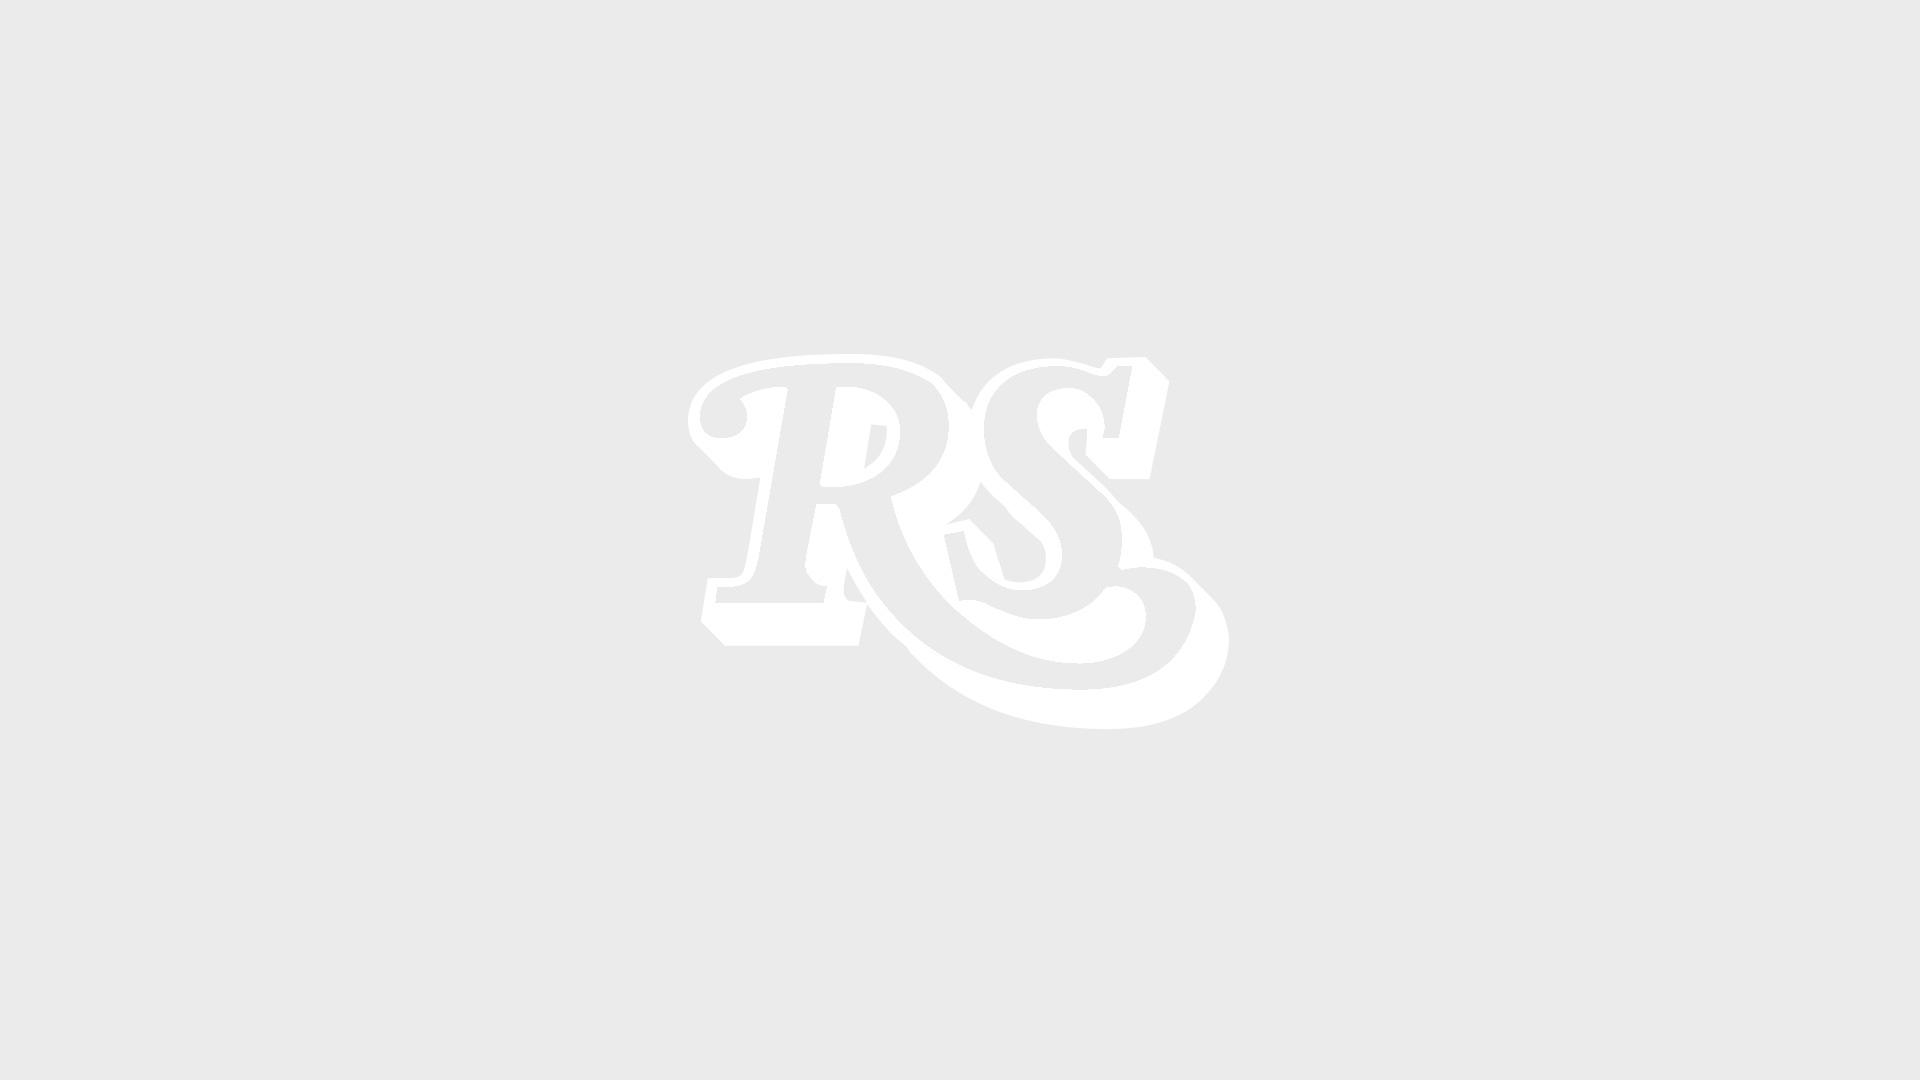 Kann sein Gehaltsniveau auch über 30 noch halten: Bastian Schweinsteiger nach seinem Wechsel zu Manchester United